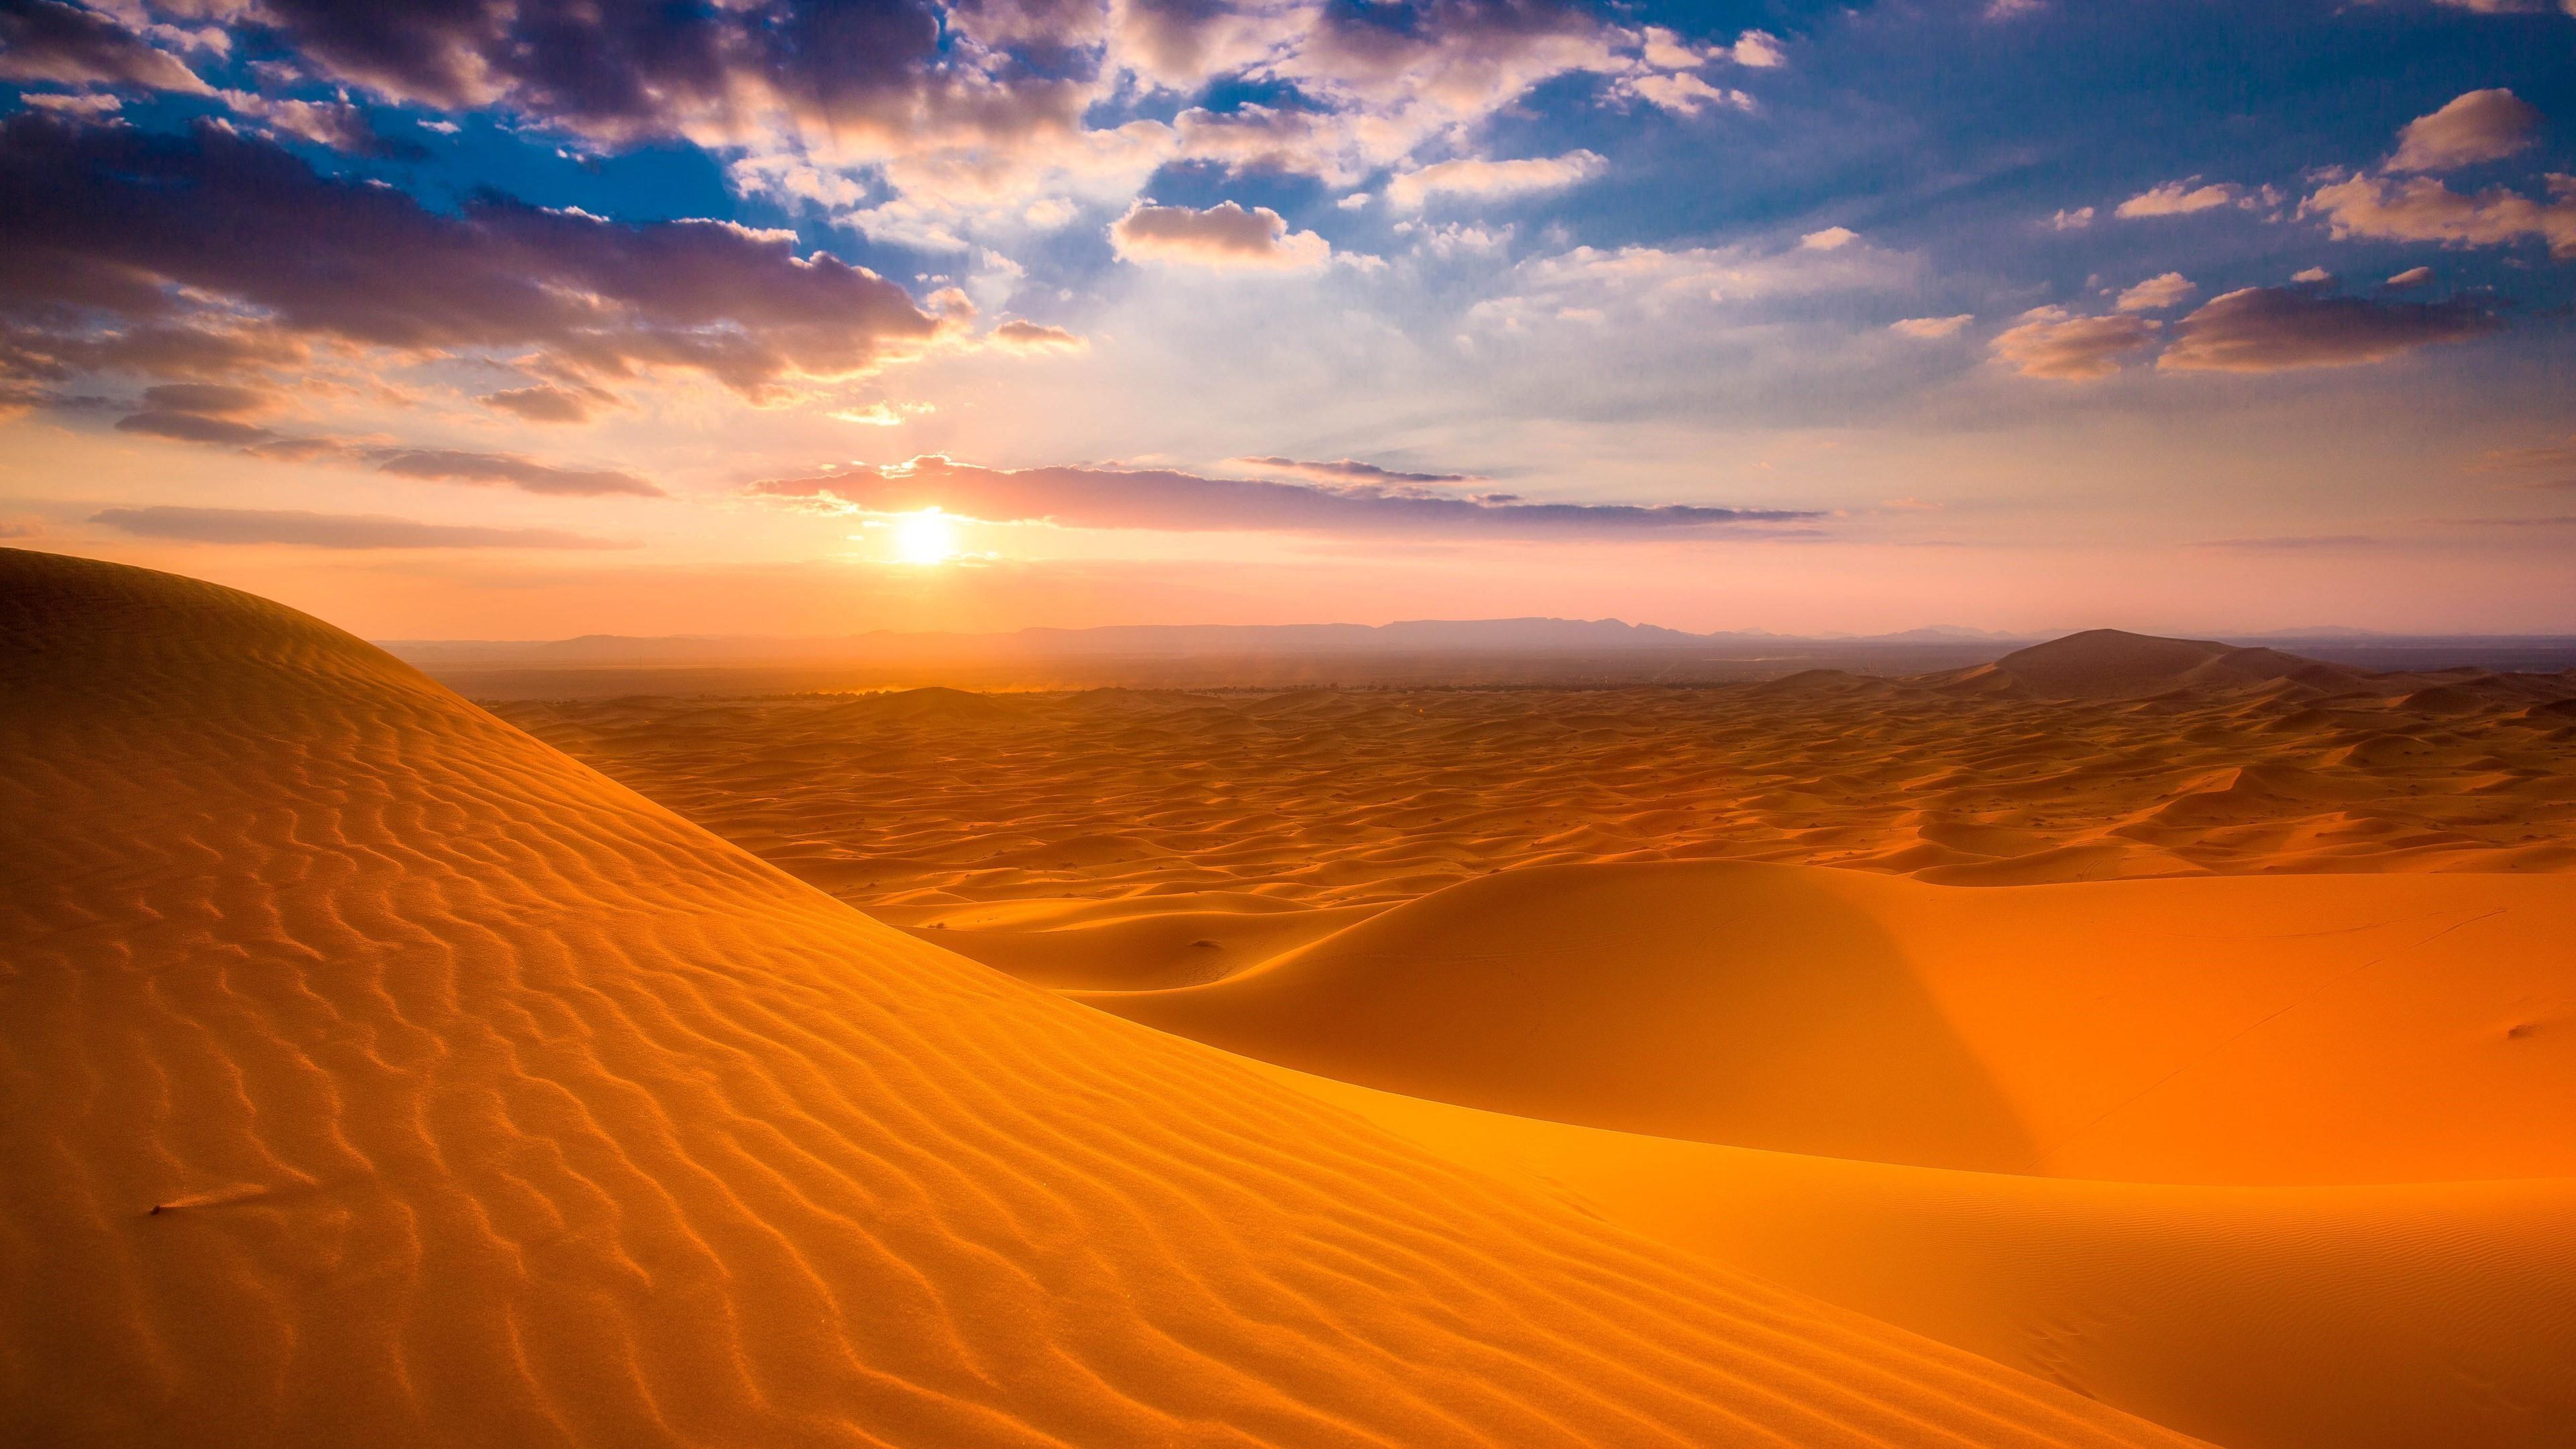 Res: 3840x2160, 4K UltraHD wallpaper icon Sahara Desert sunrise, Morocco wallpaper